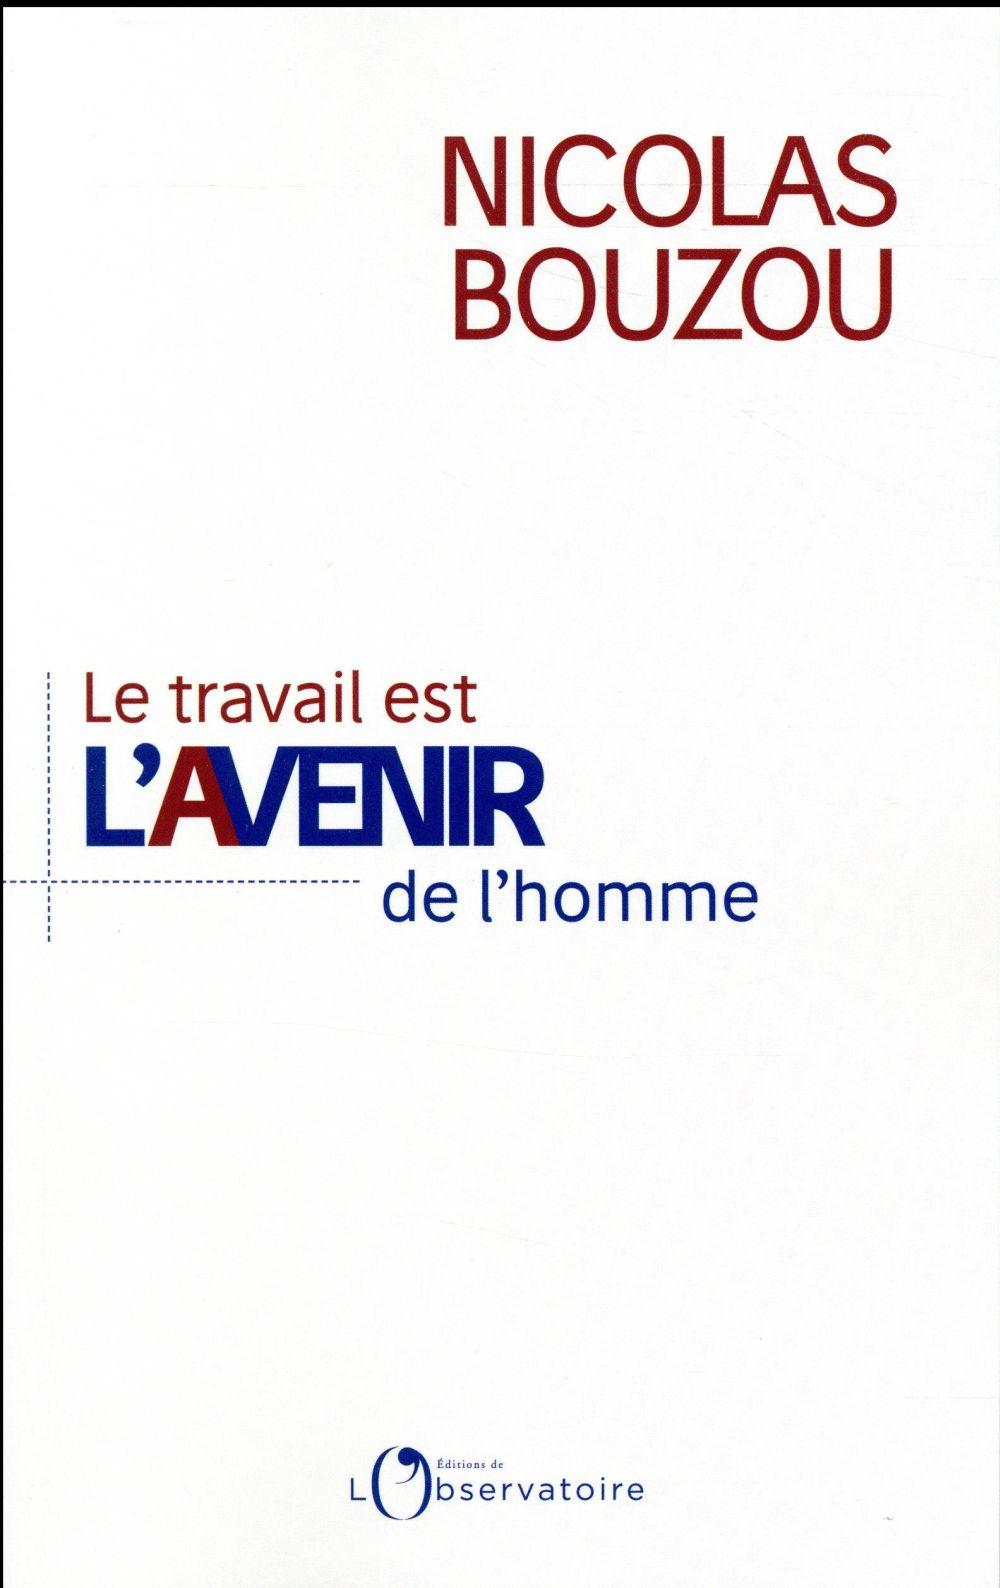 LE TRAVAIL EST L'AVENIR DE L'HOMME